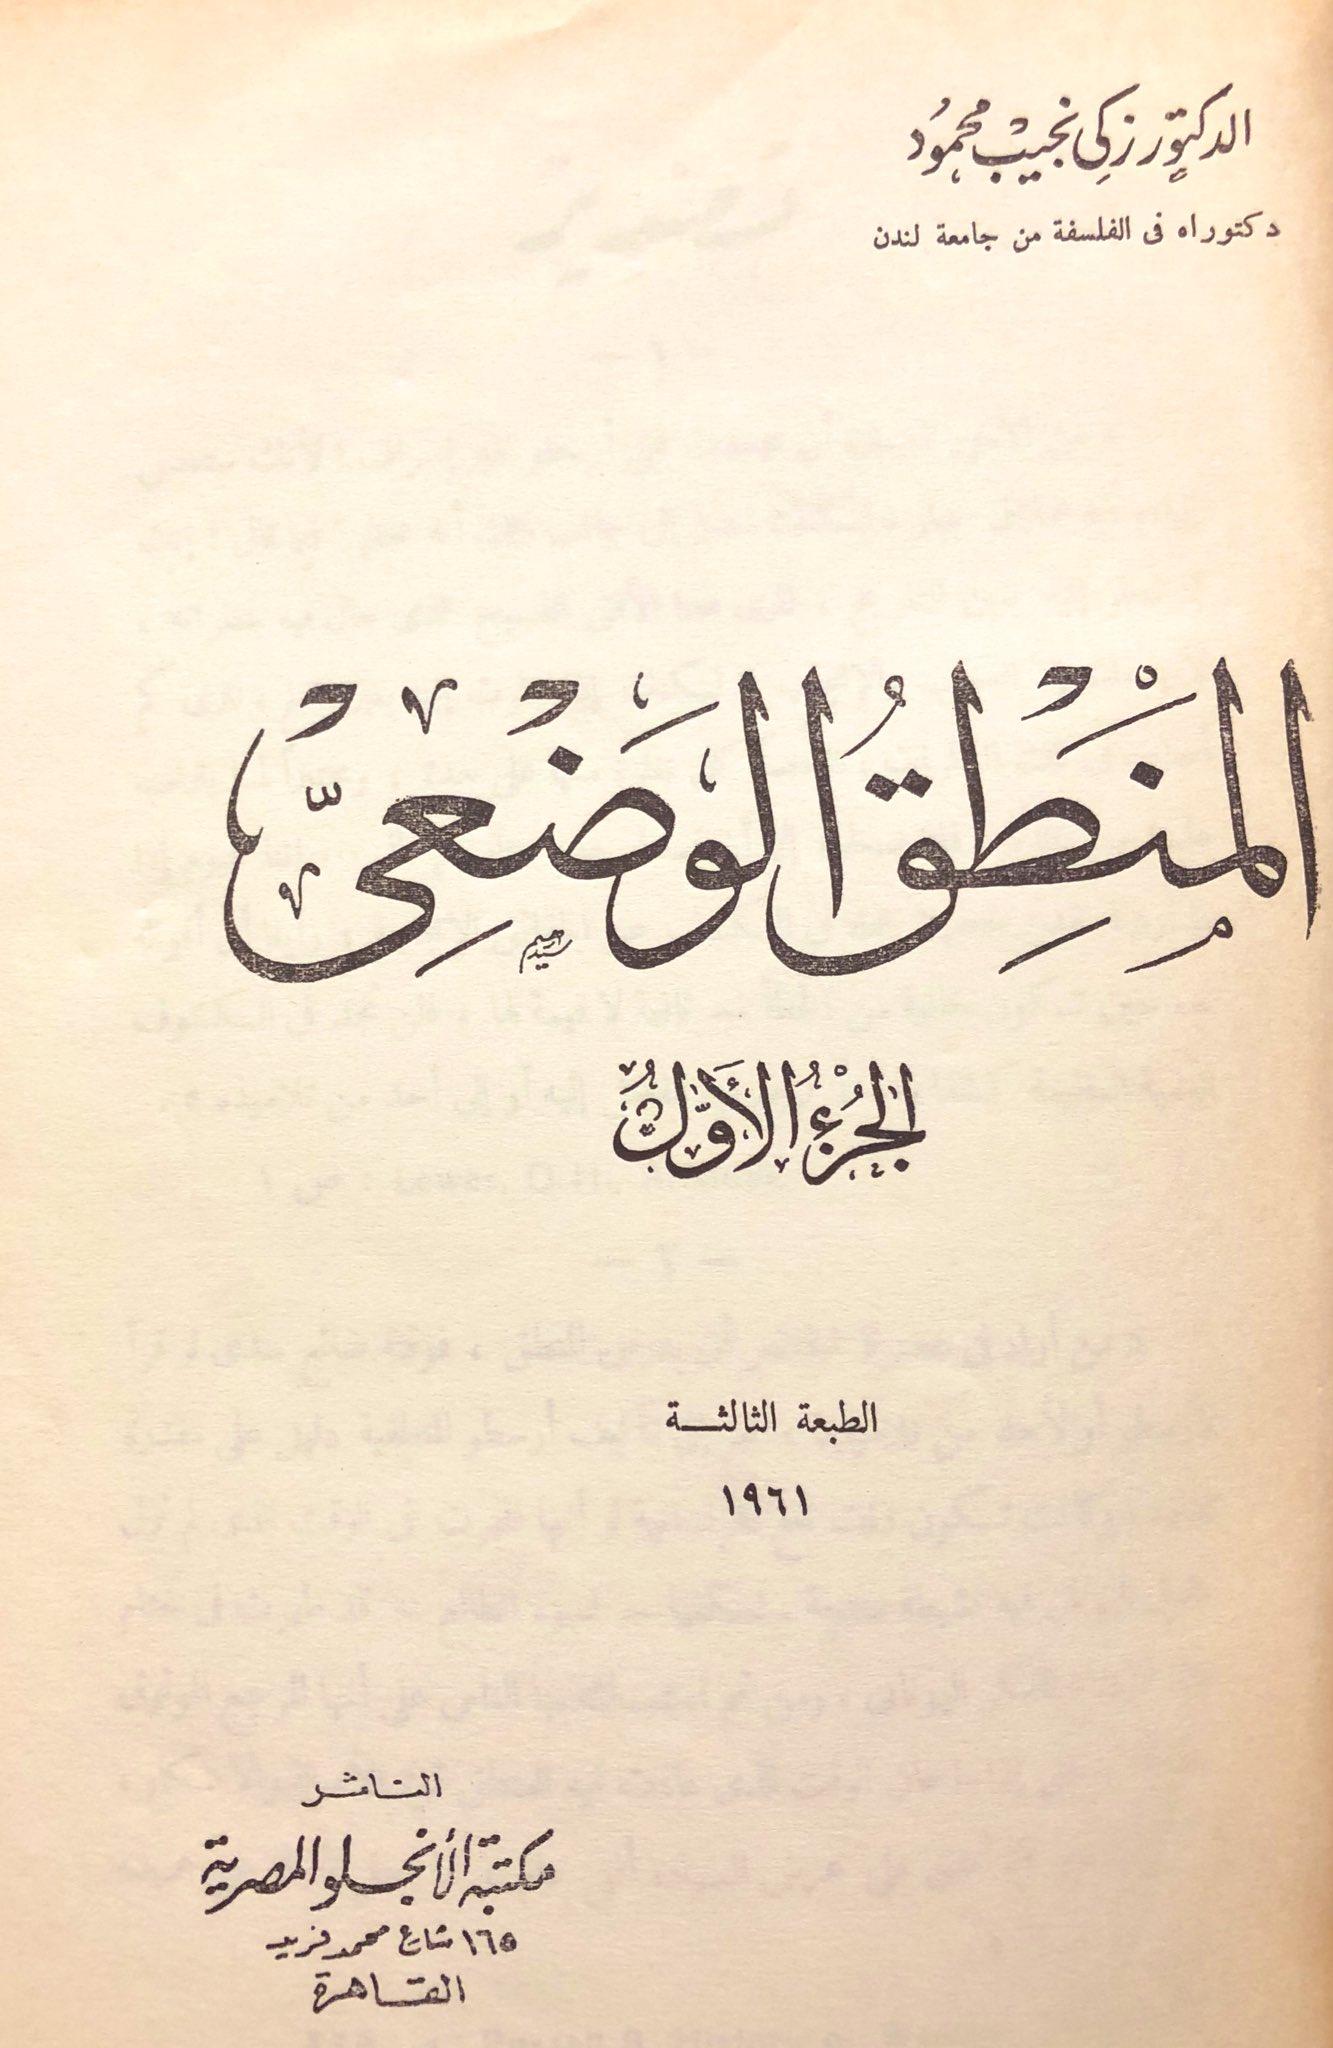 كتاب المنطق الوضعي - الجزء الأول - زكي نجيب محمود